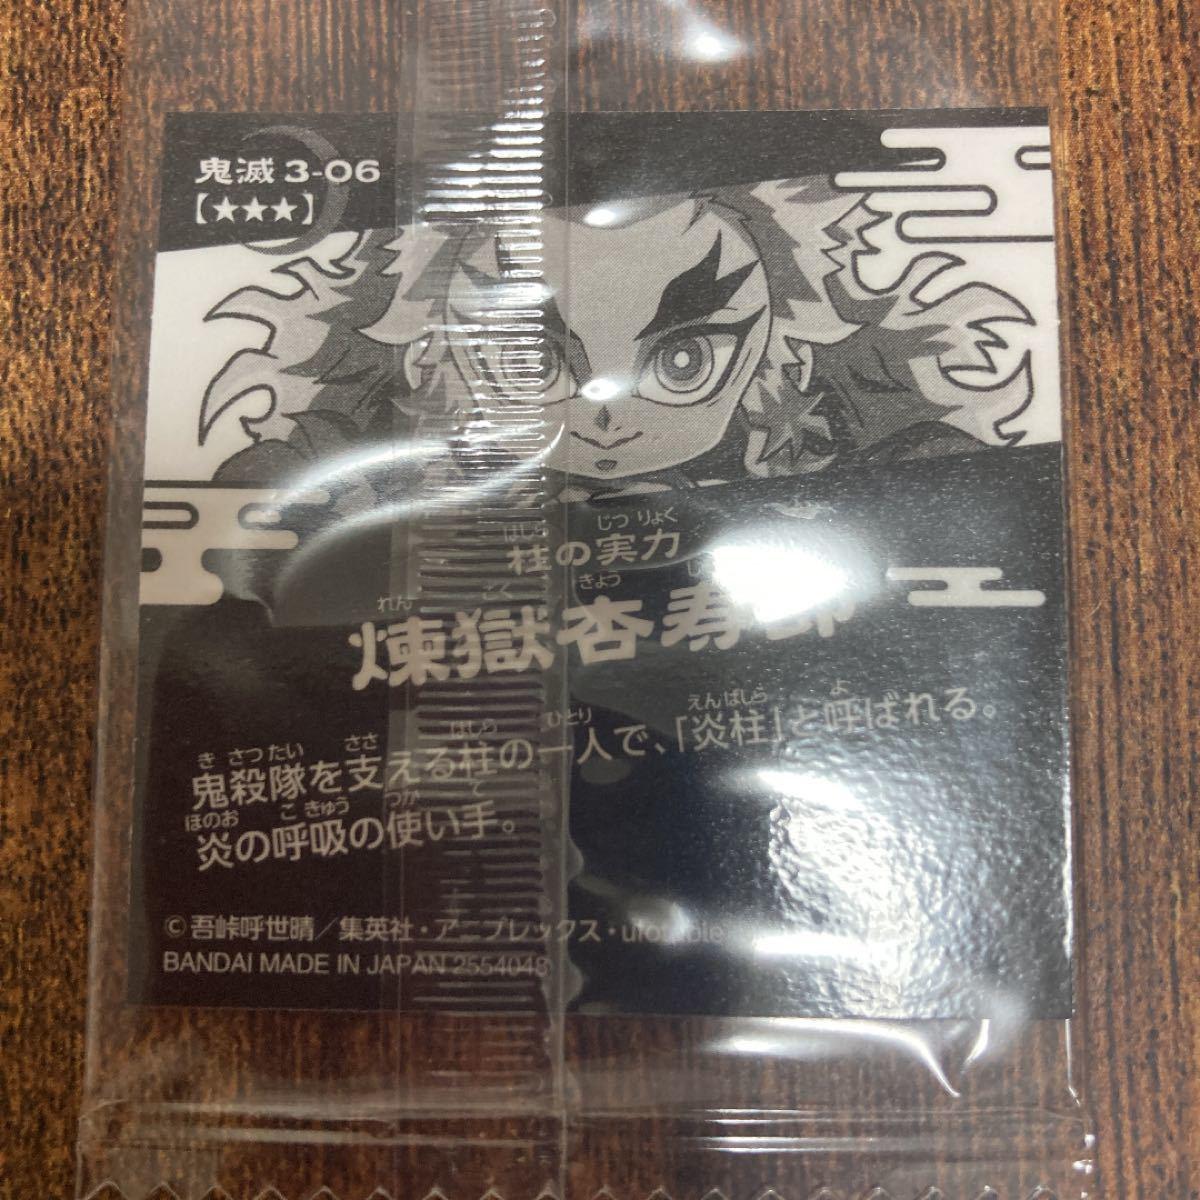 鬼滅の刃 ウエハース シール スーパーレア 煉獄杏寿郎06